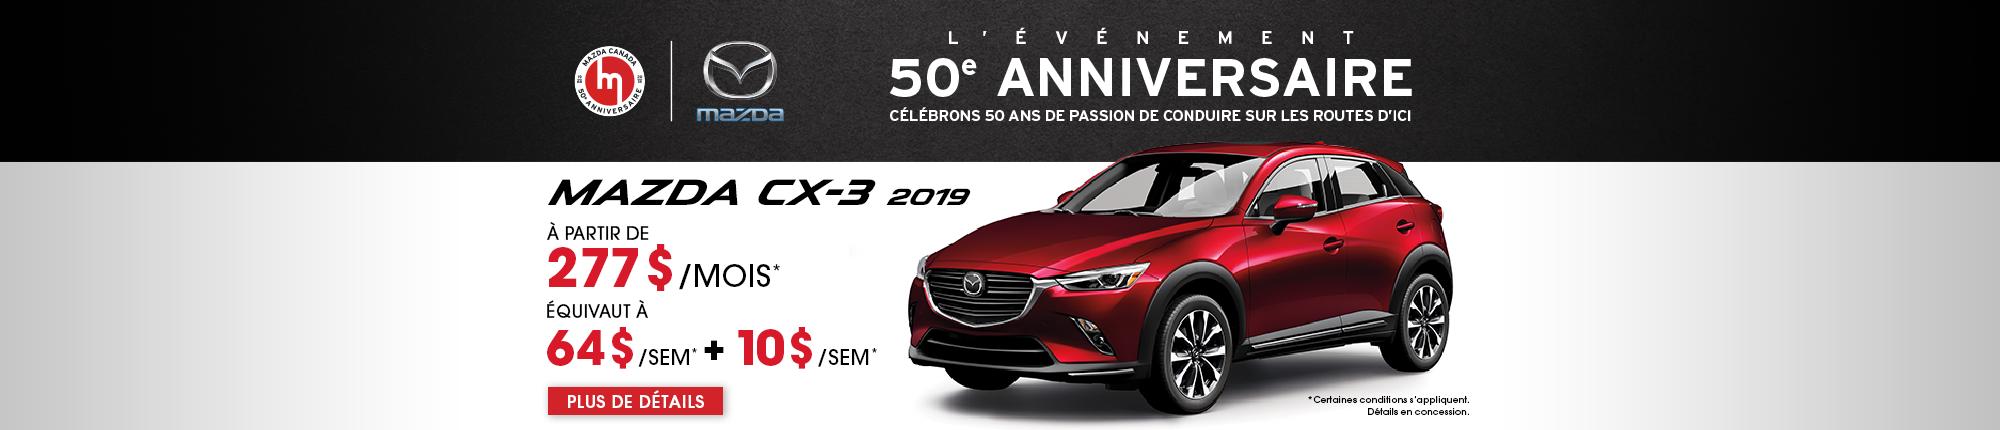 L'événement 50e anniversaire - CX-3